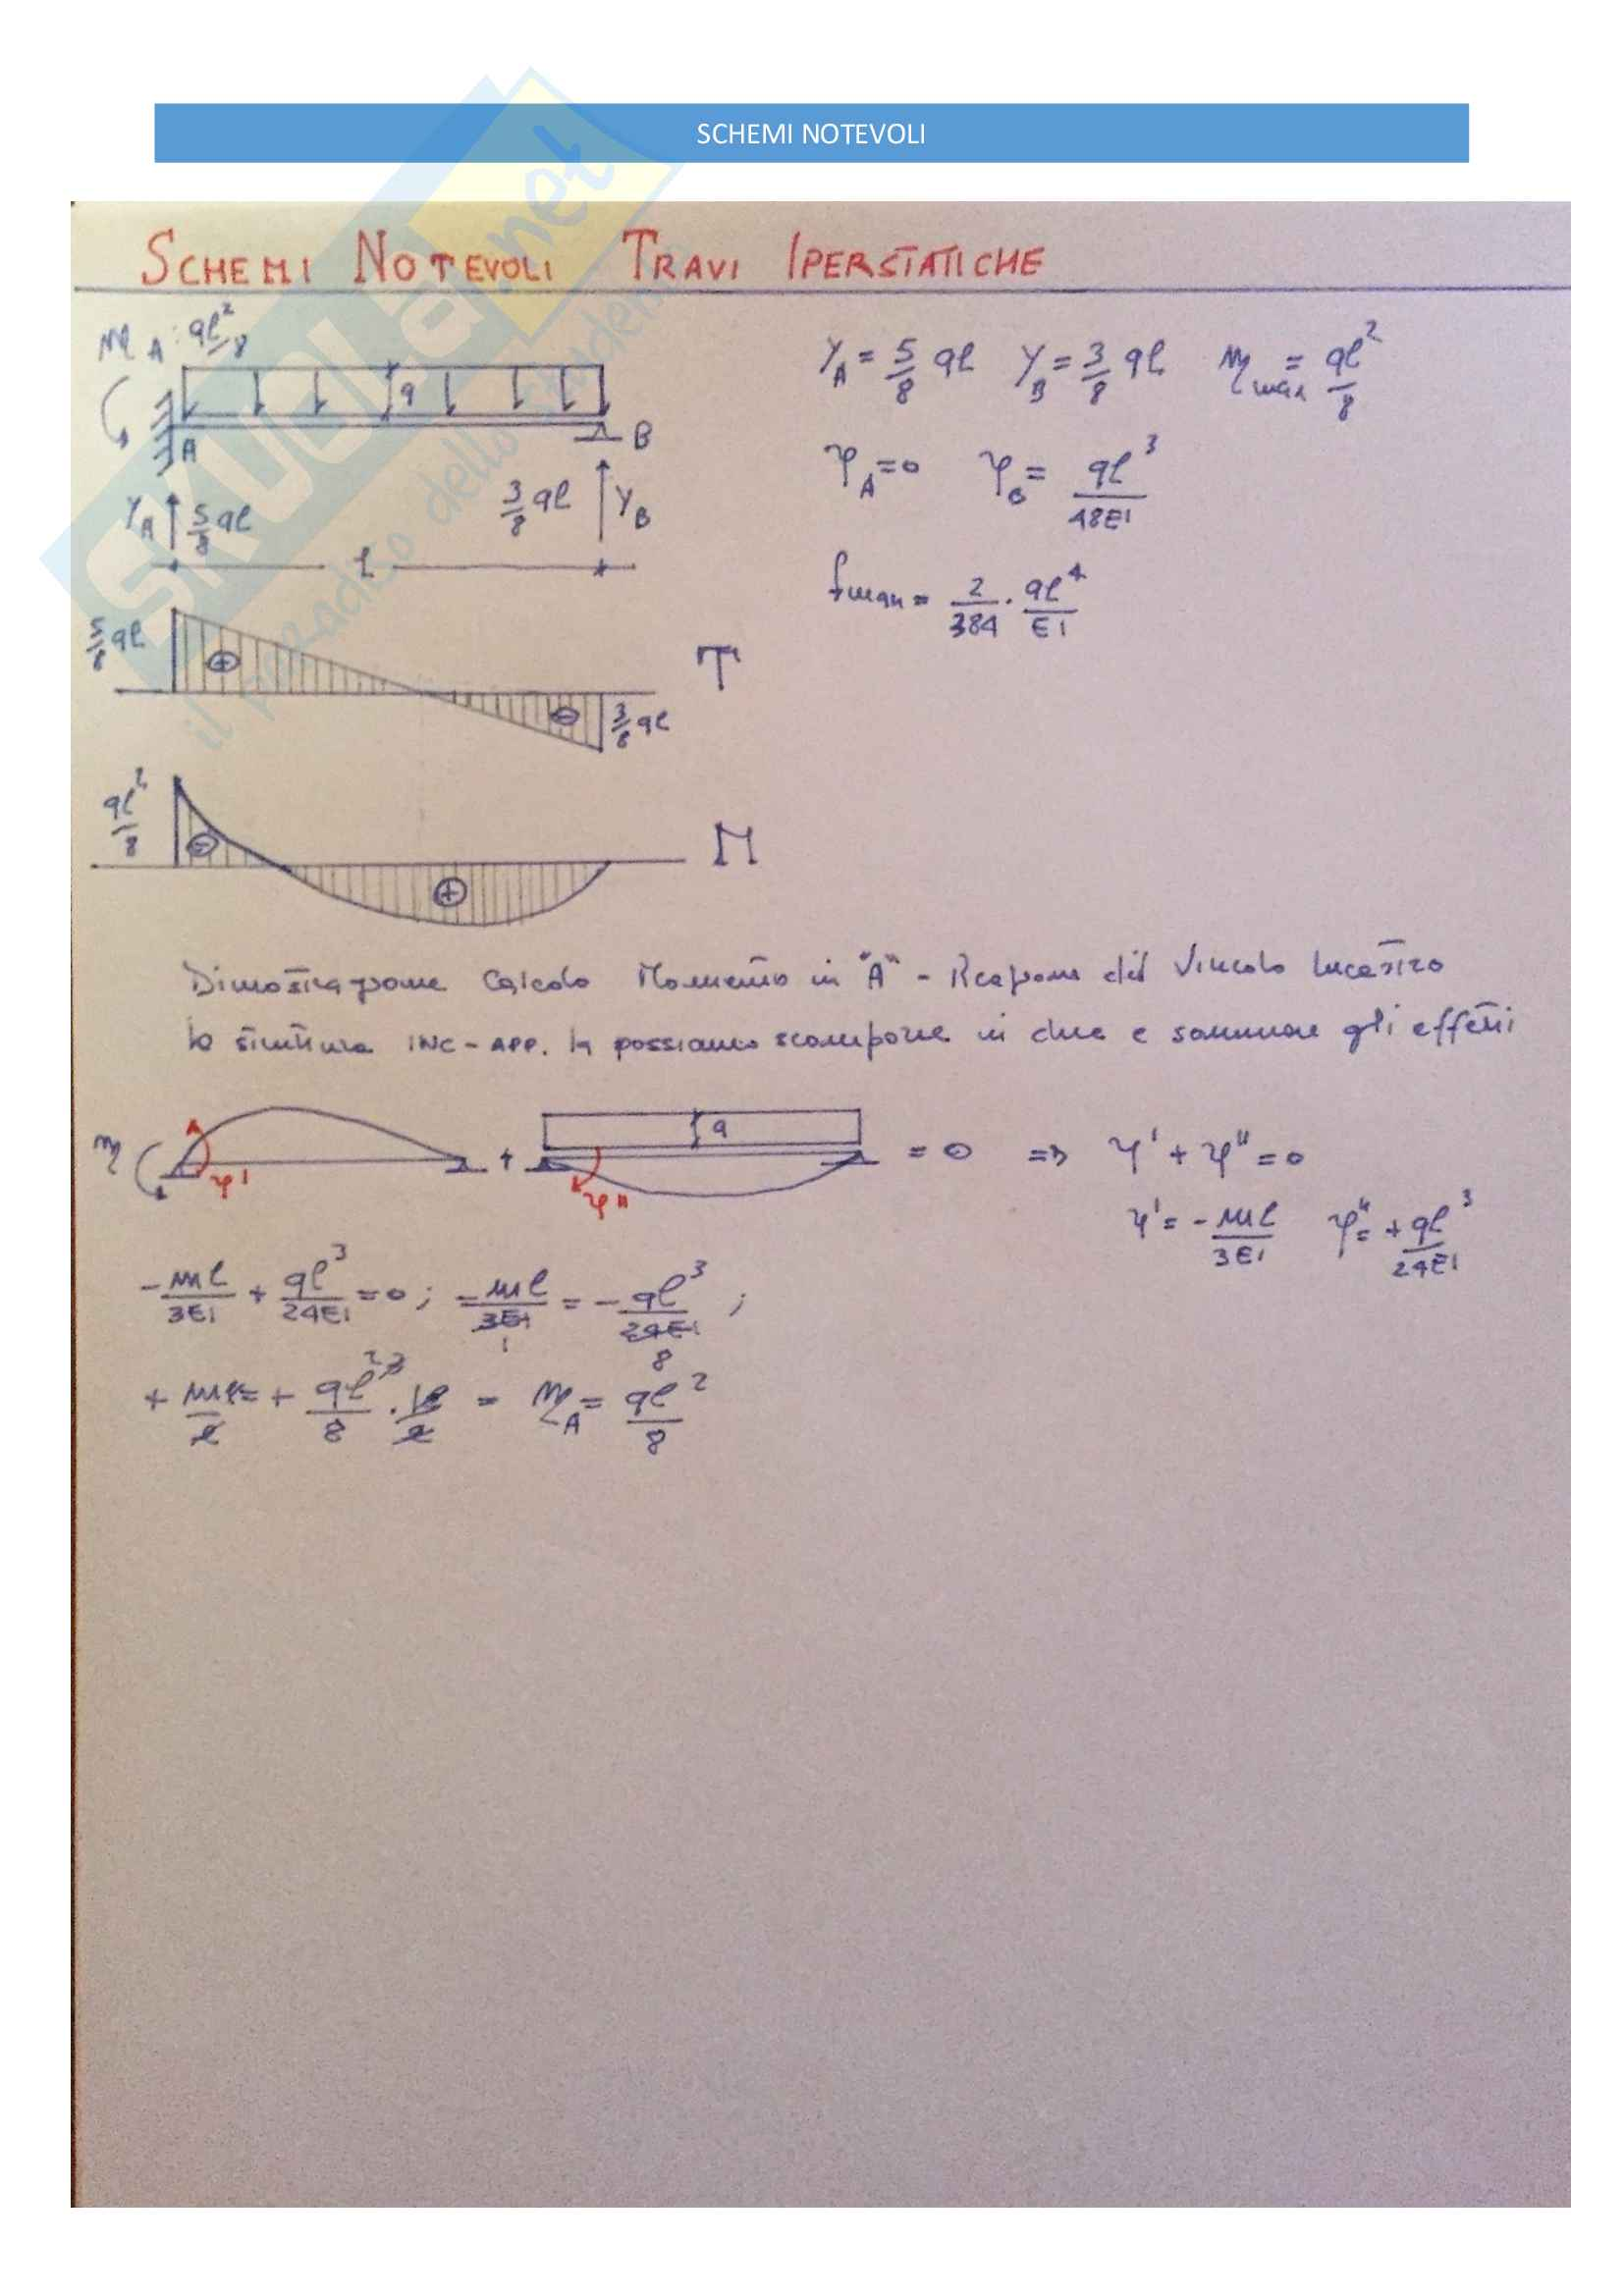 Schemi Notevoli Svolti - Strutture Isostatiche ed Iperstatiche - Pag. 6